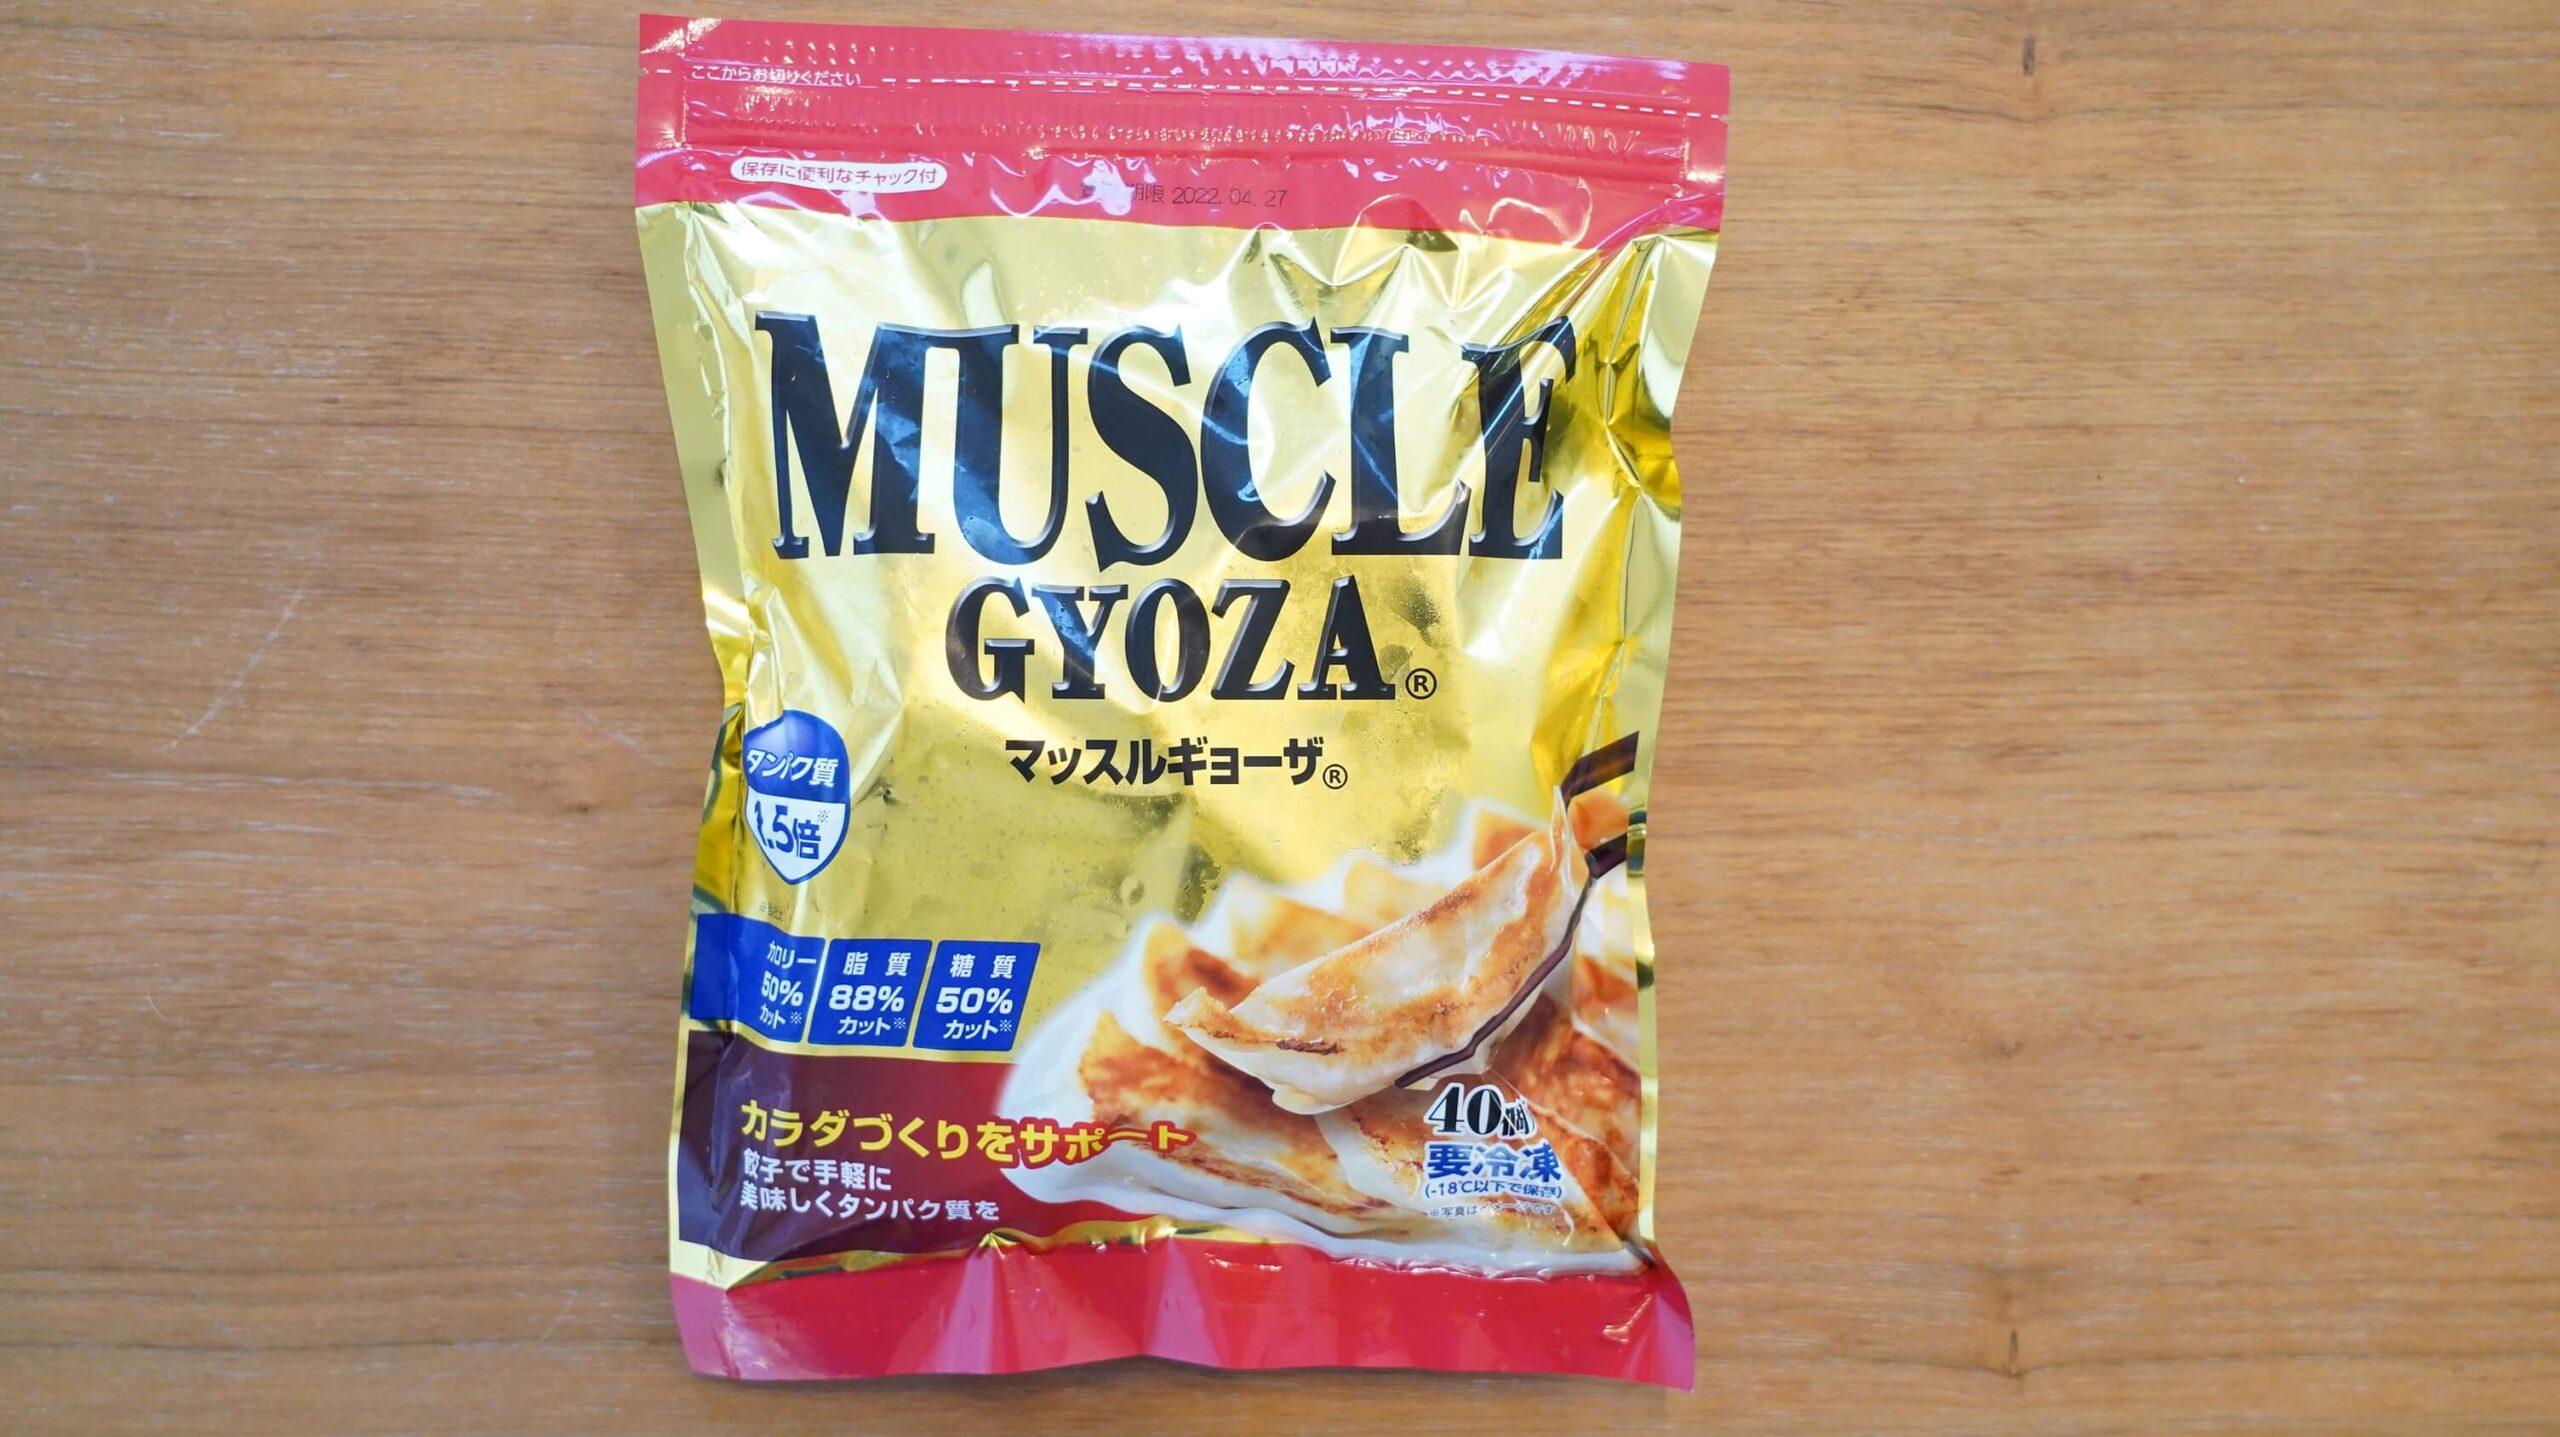 冷凍食品「マッスル餃子」のパッケージ写真